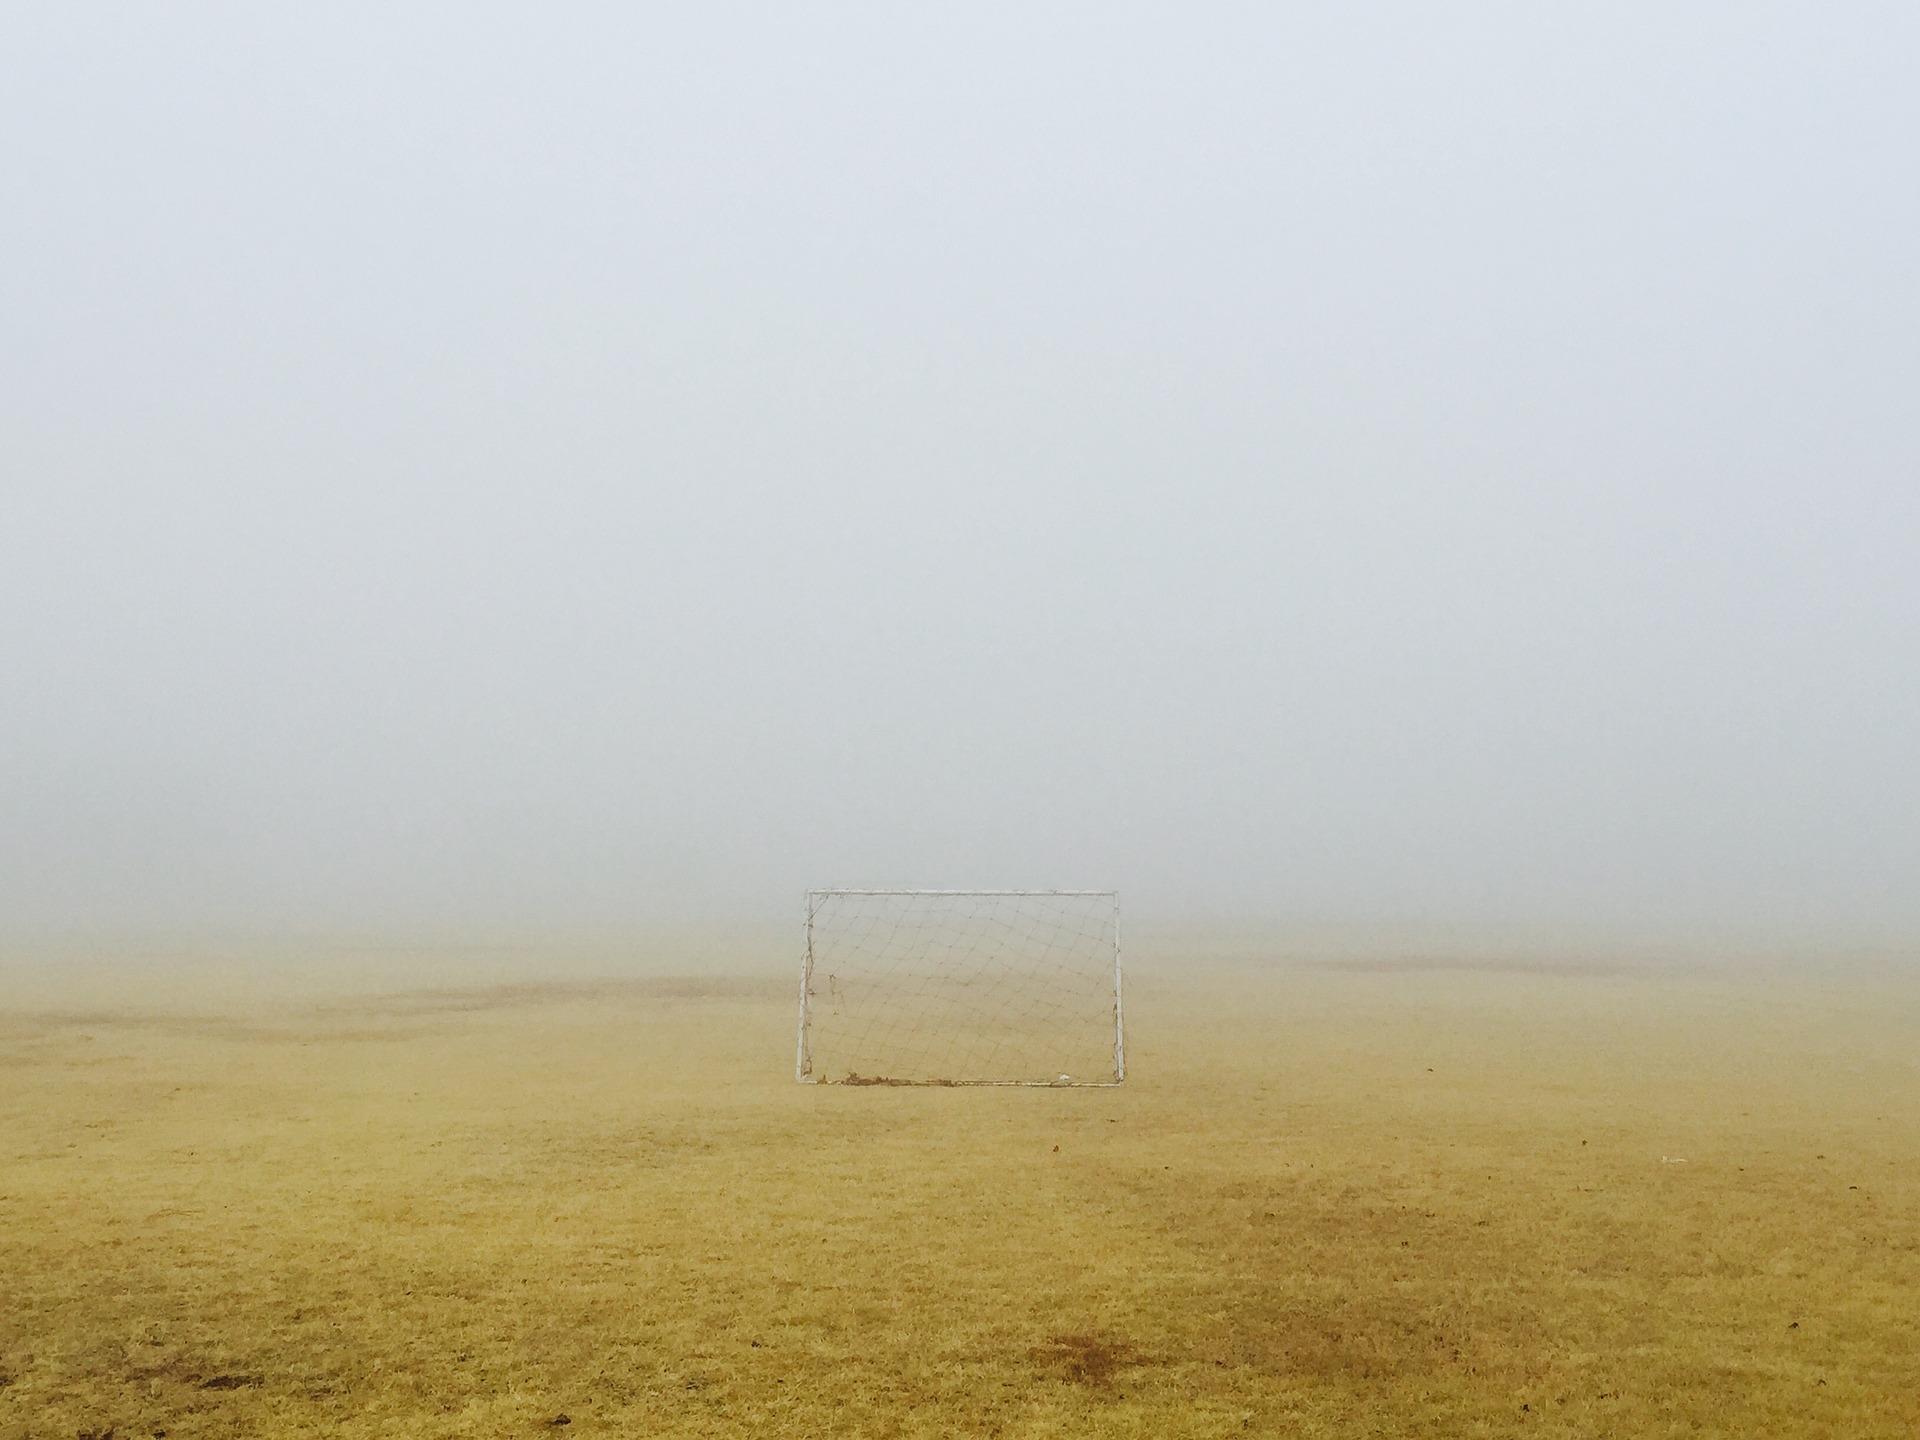 goal-828575_1920.jpg